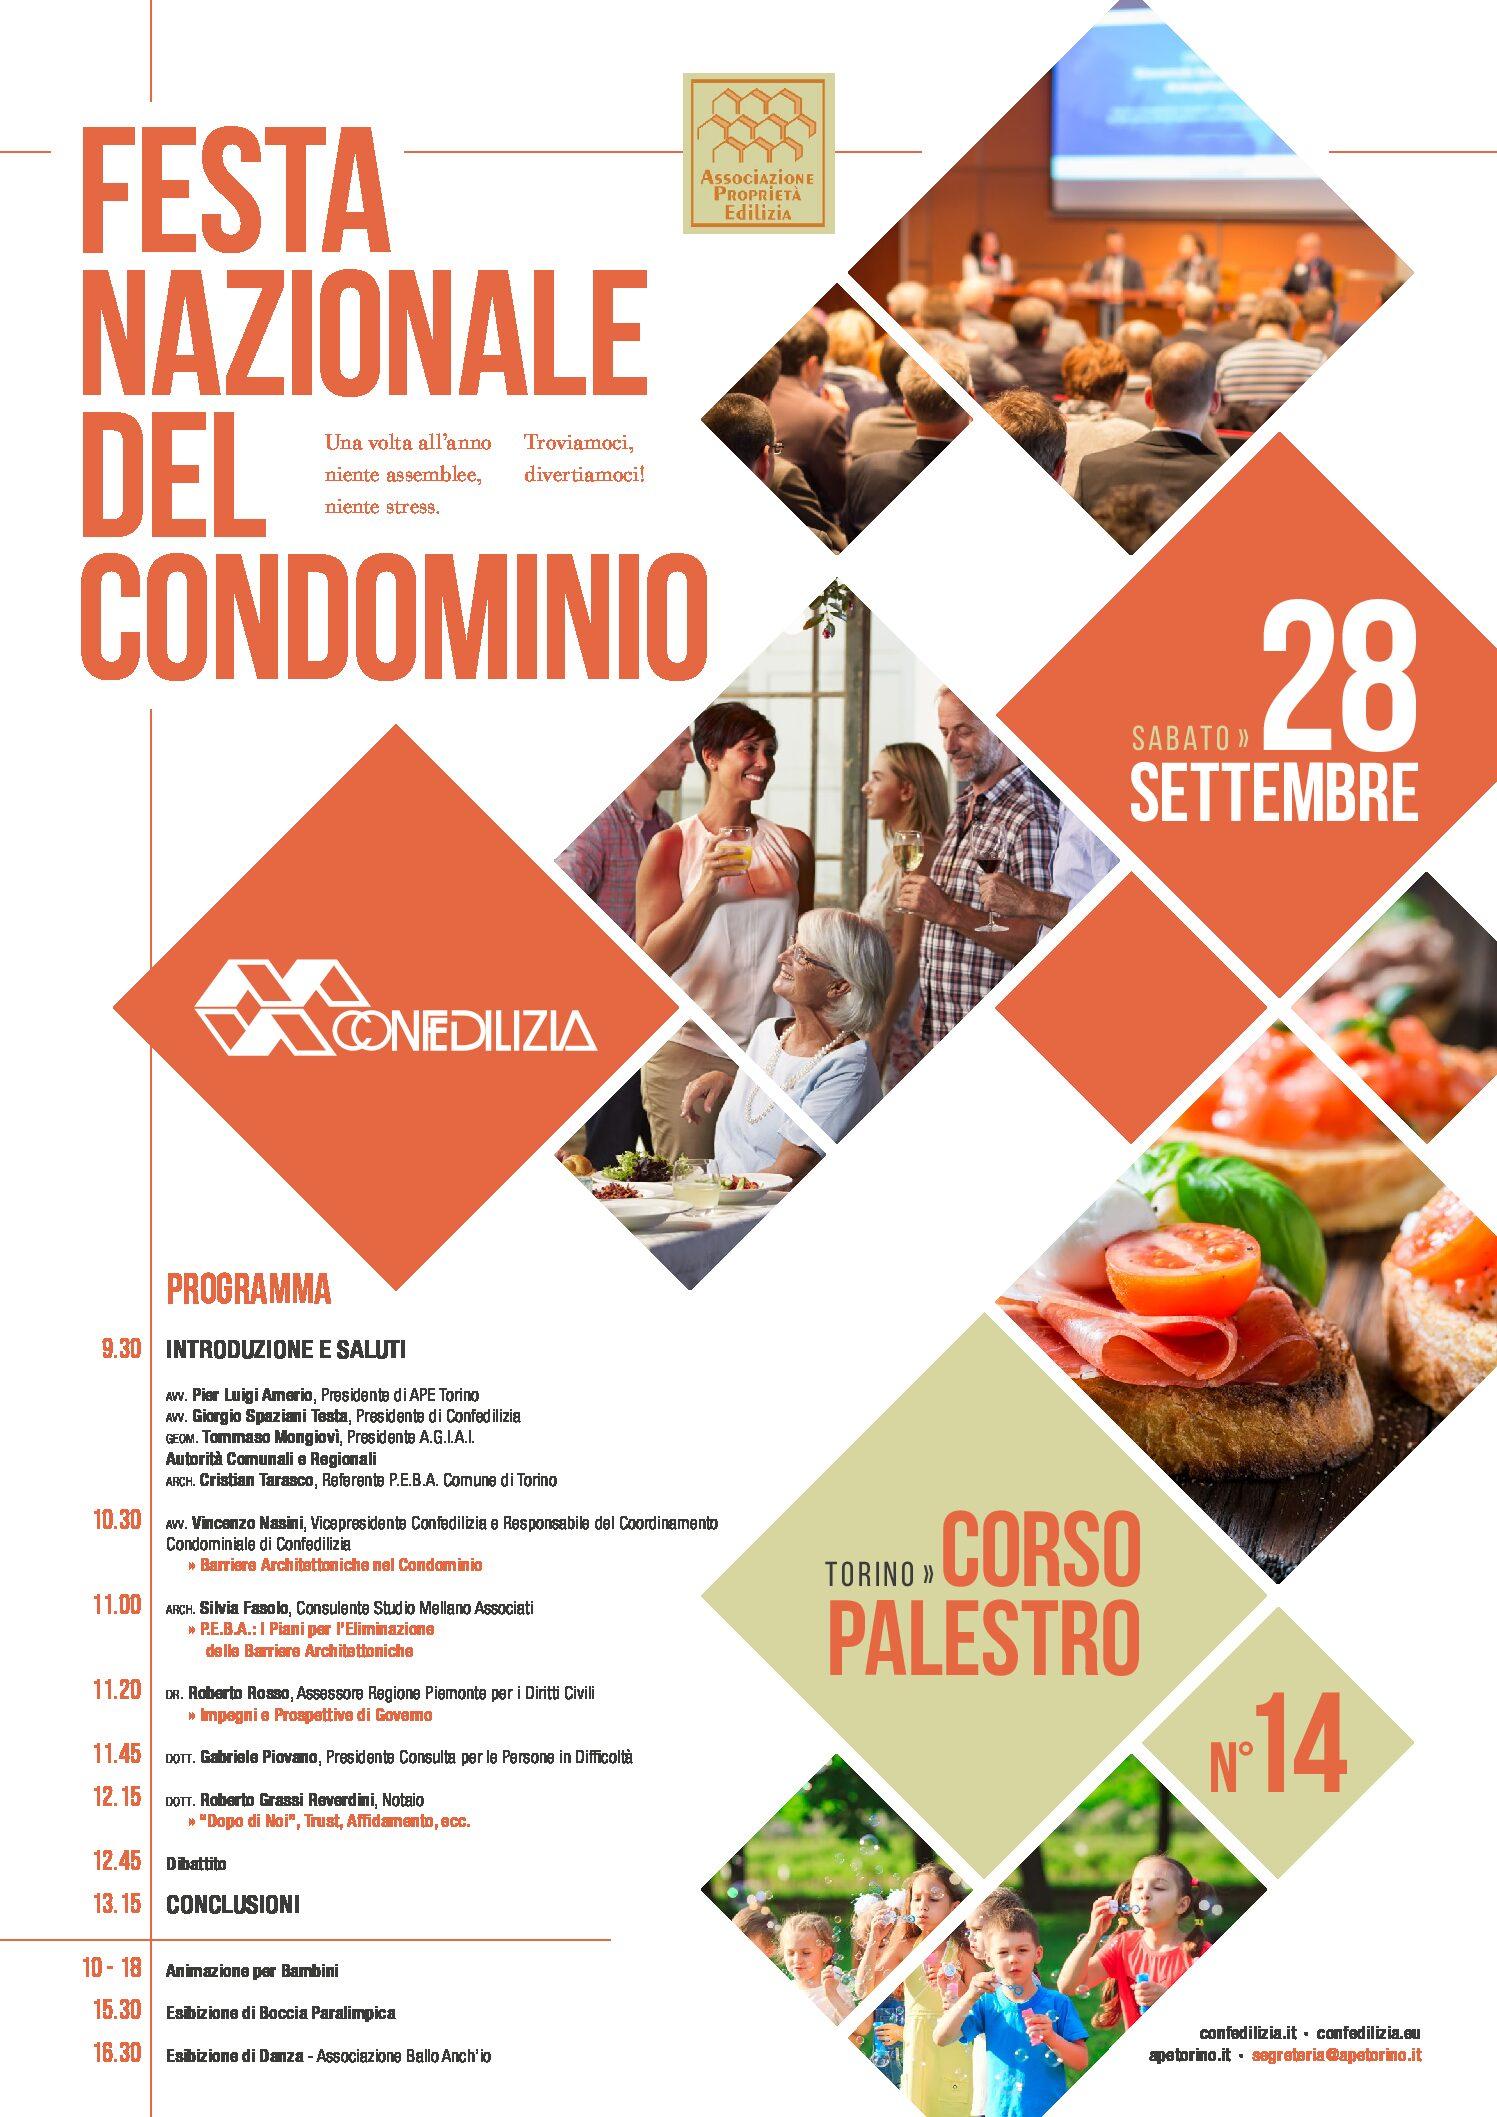 Festa nazionale del condominio